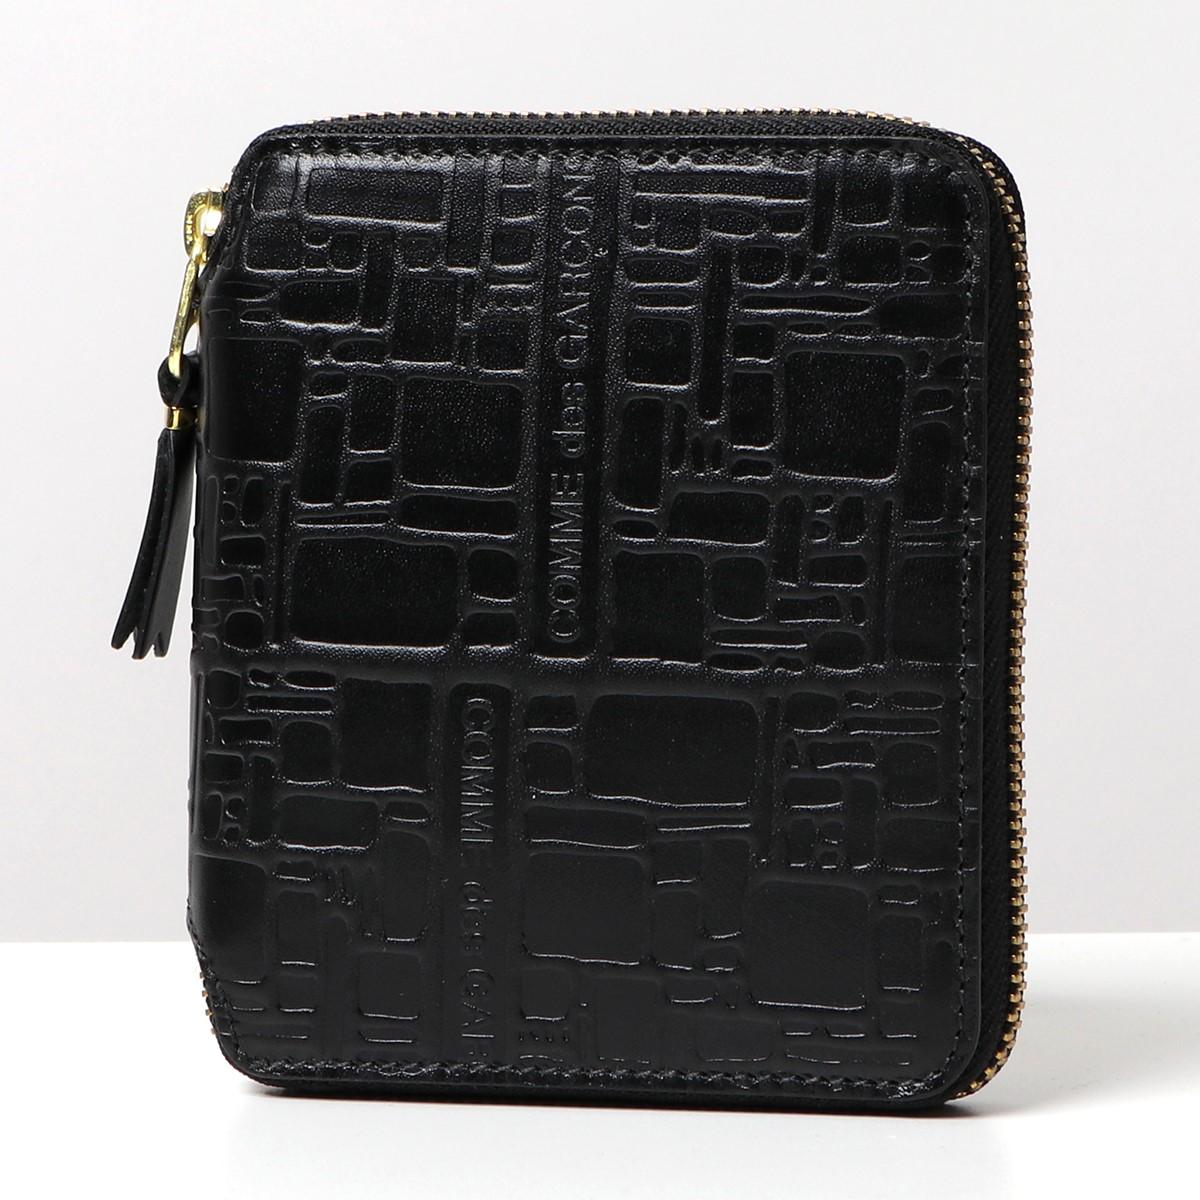 COMME des GARCONS コムデギャルソン SA2100EL EMBOSSED LOGOTYPE レザー ラウンドファスナー 二つ折り ミディアム財布 ミニ財布 豆財布 カラーBLACK/ブラック